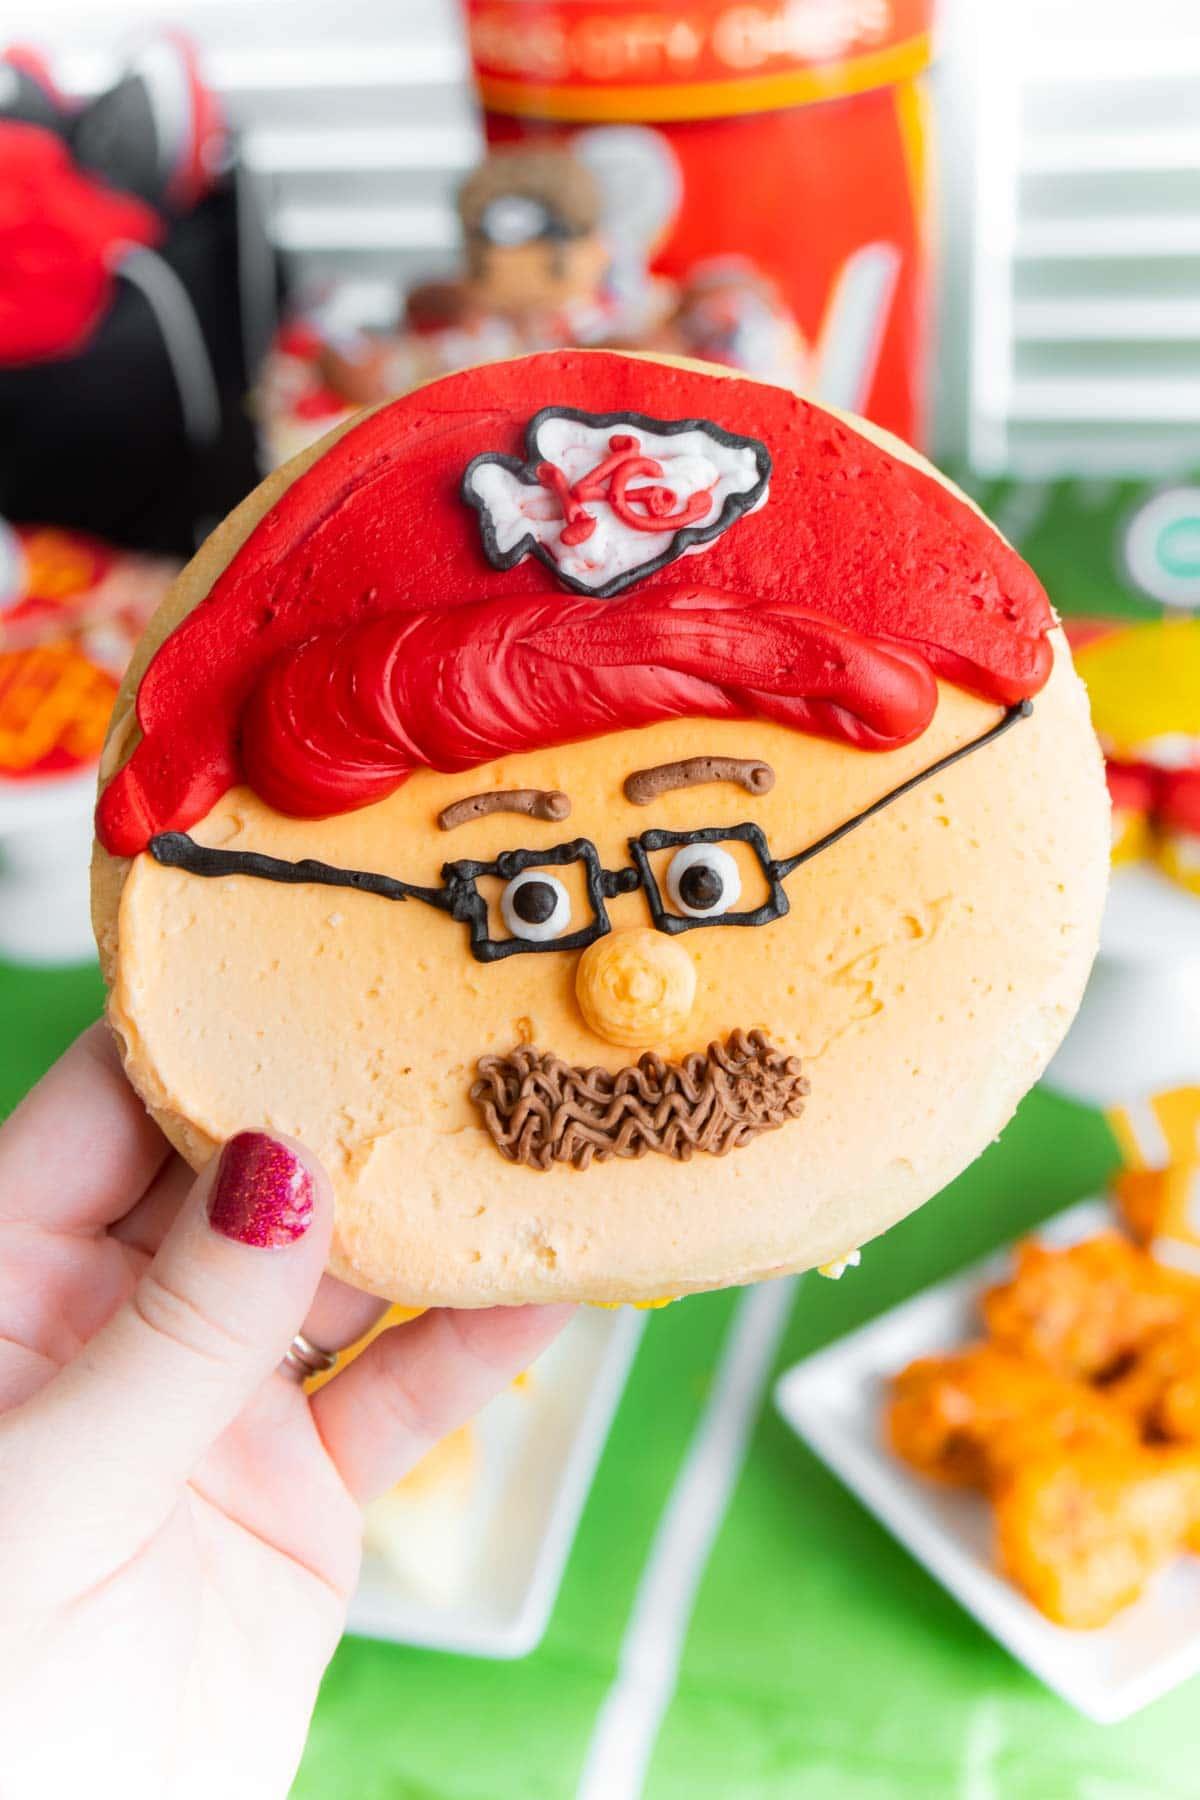 Andy Reid cookie